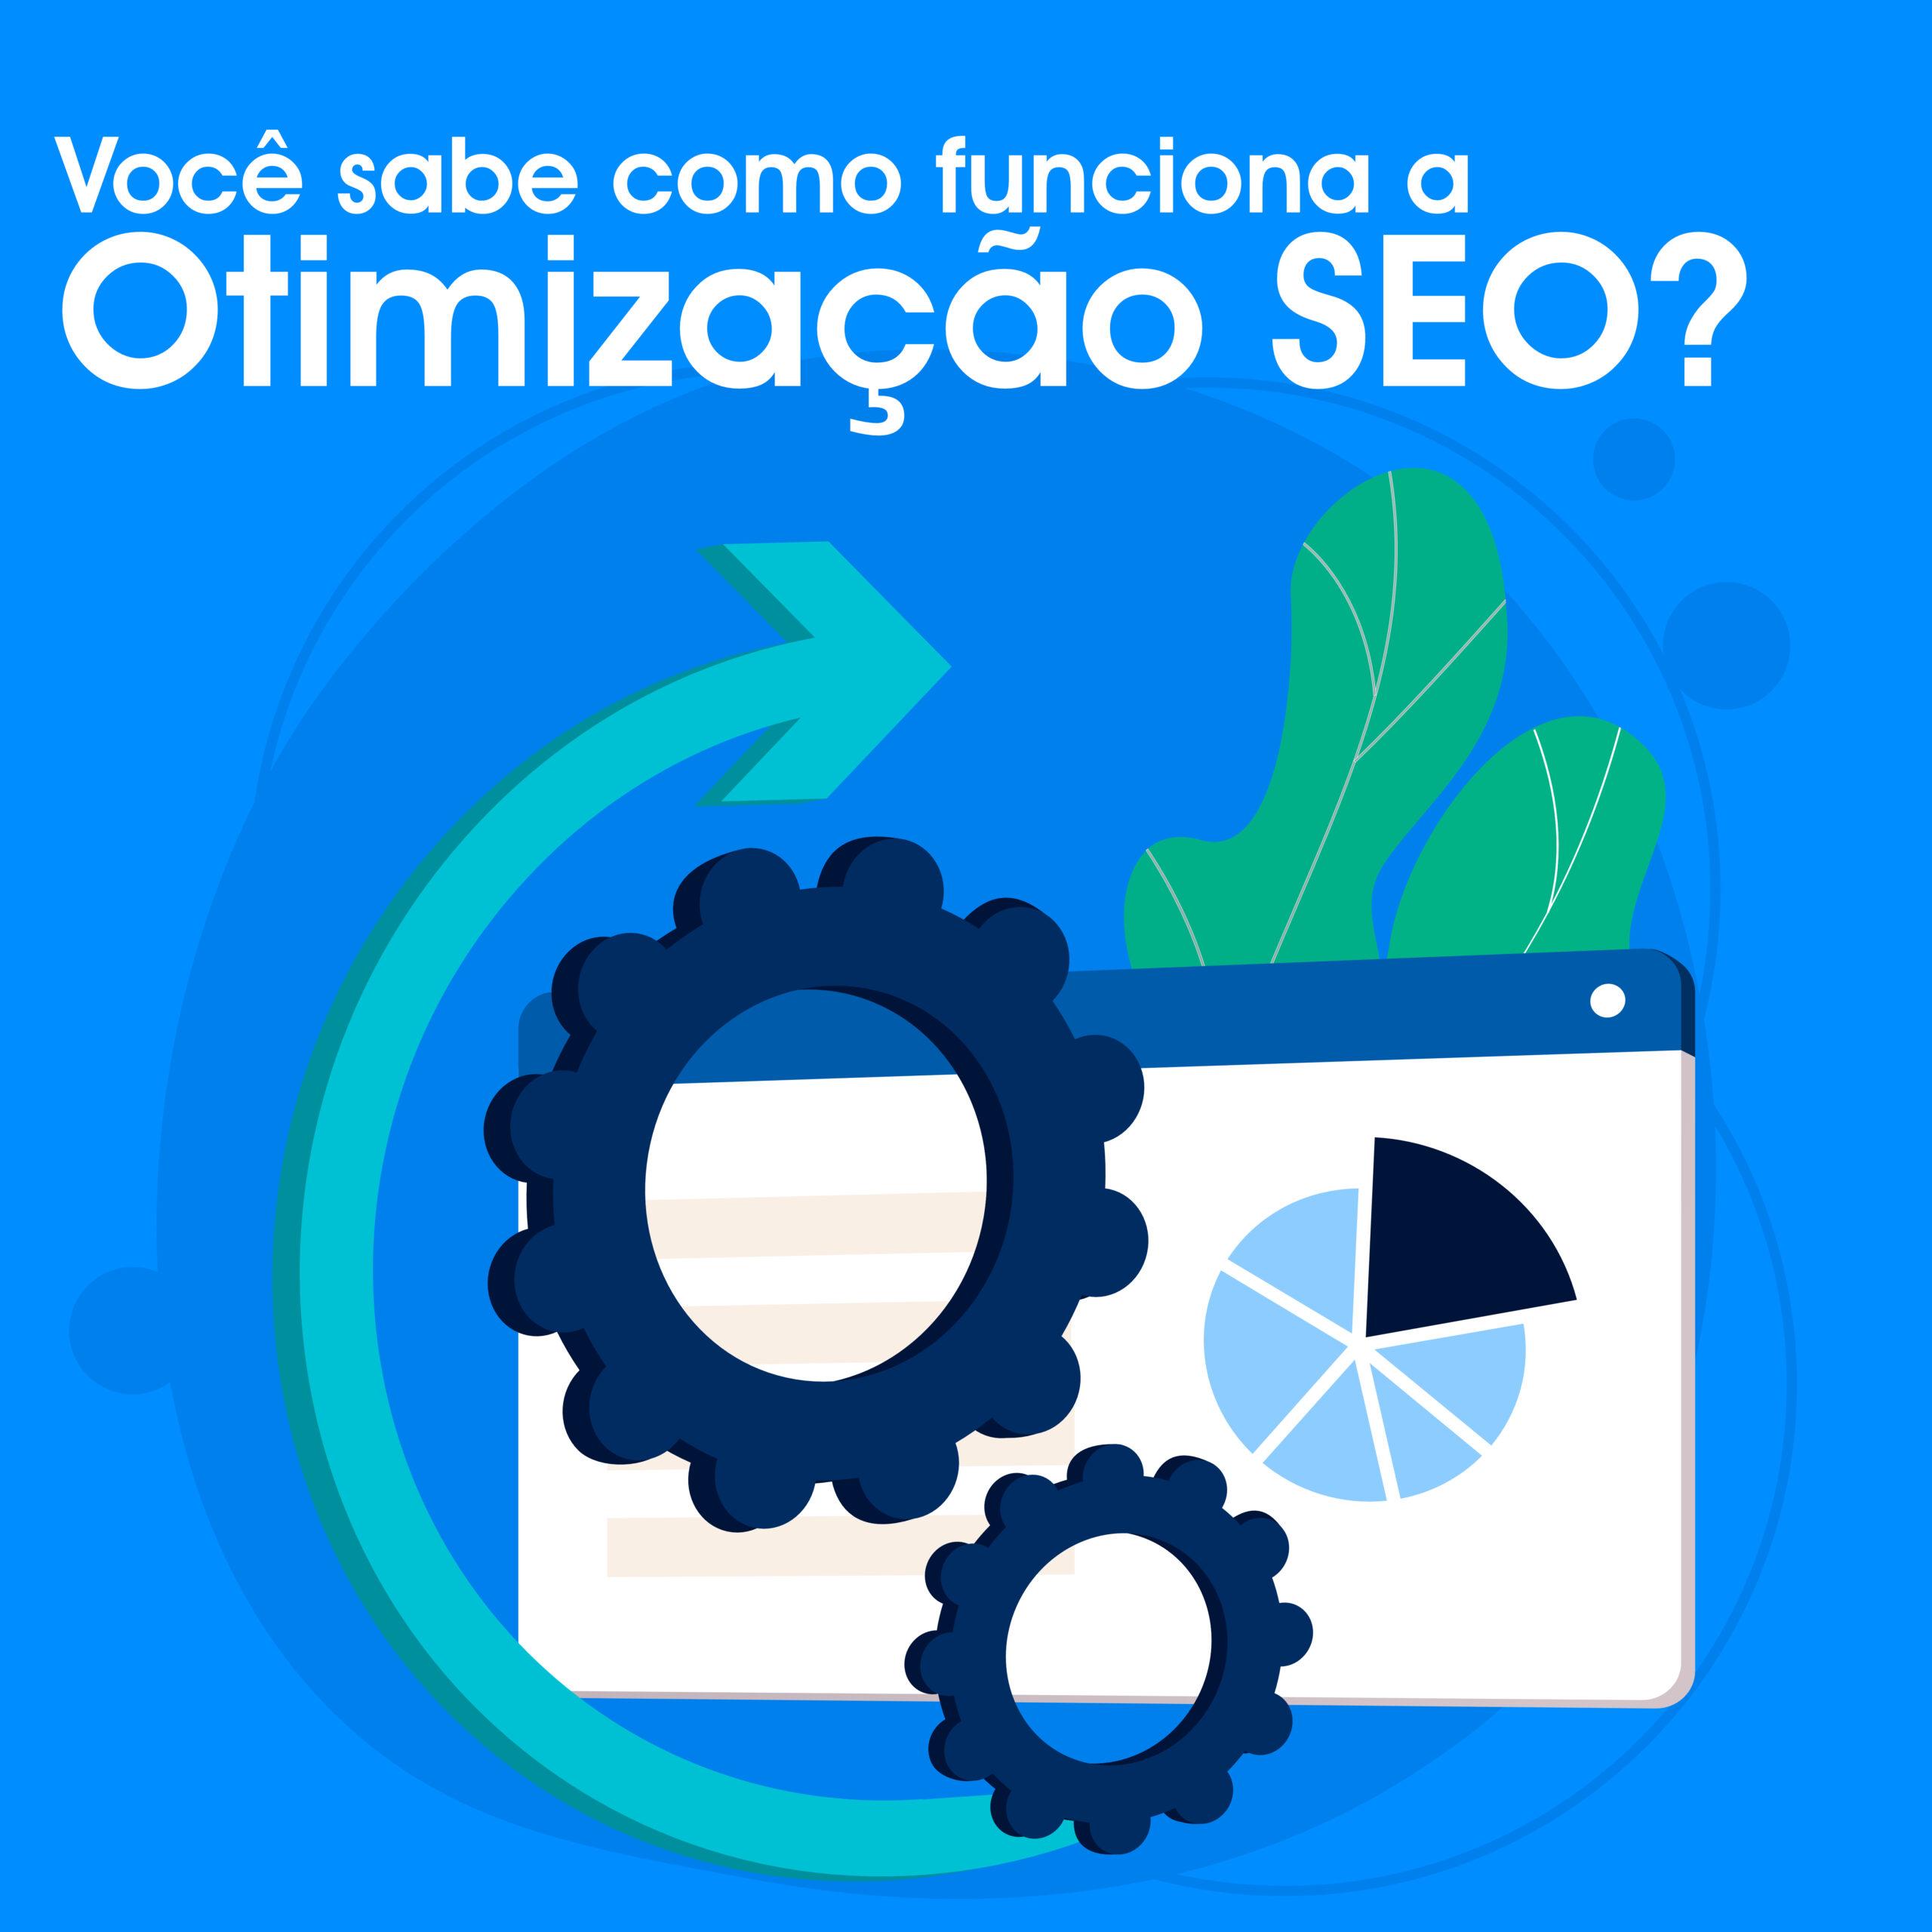 O que é SEO? Como ele pode me ajudar nas buscas do Google?